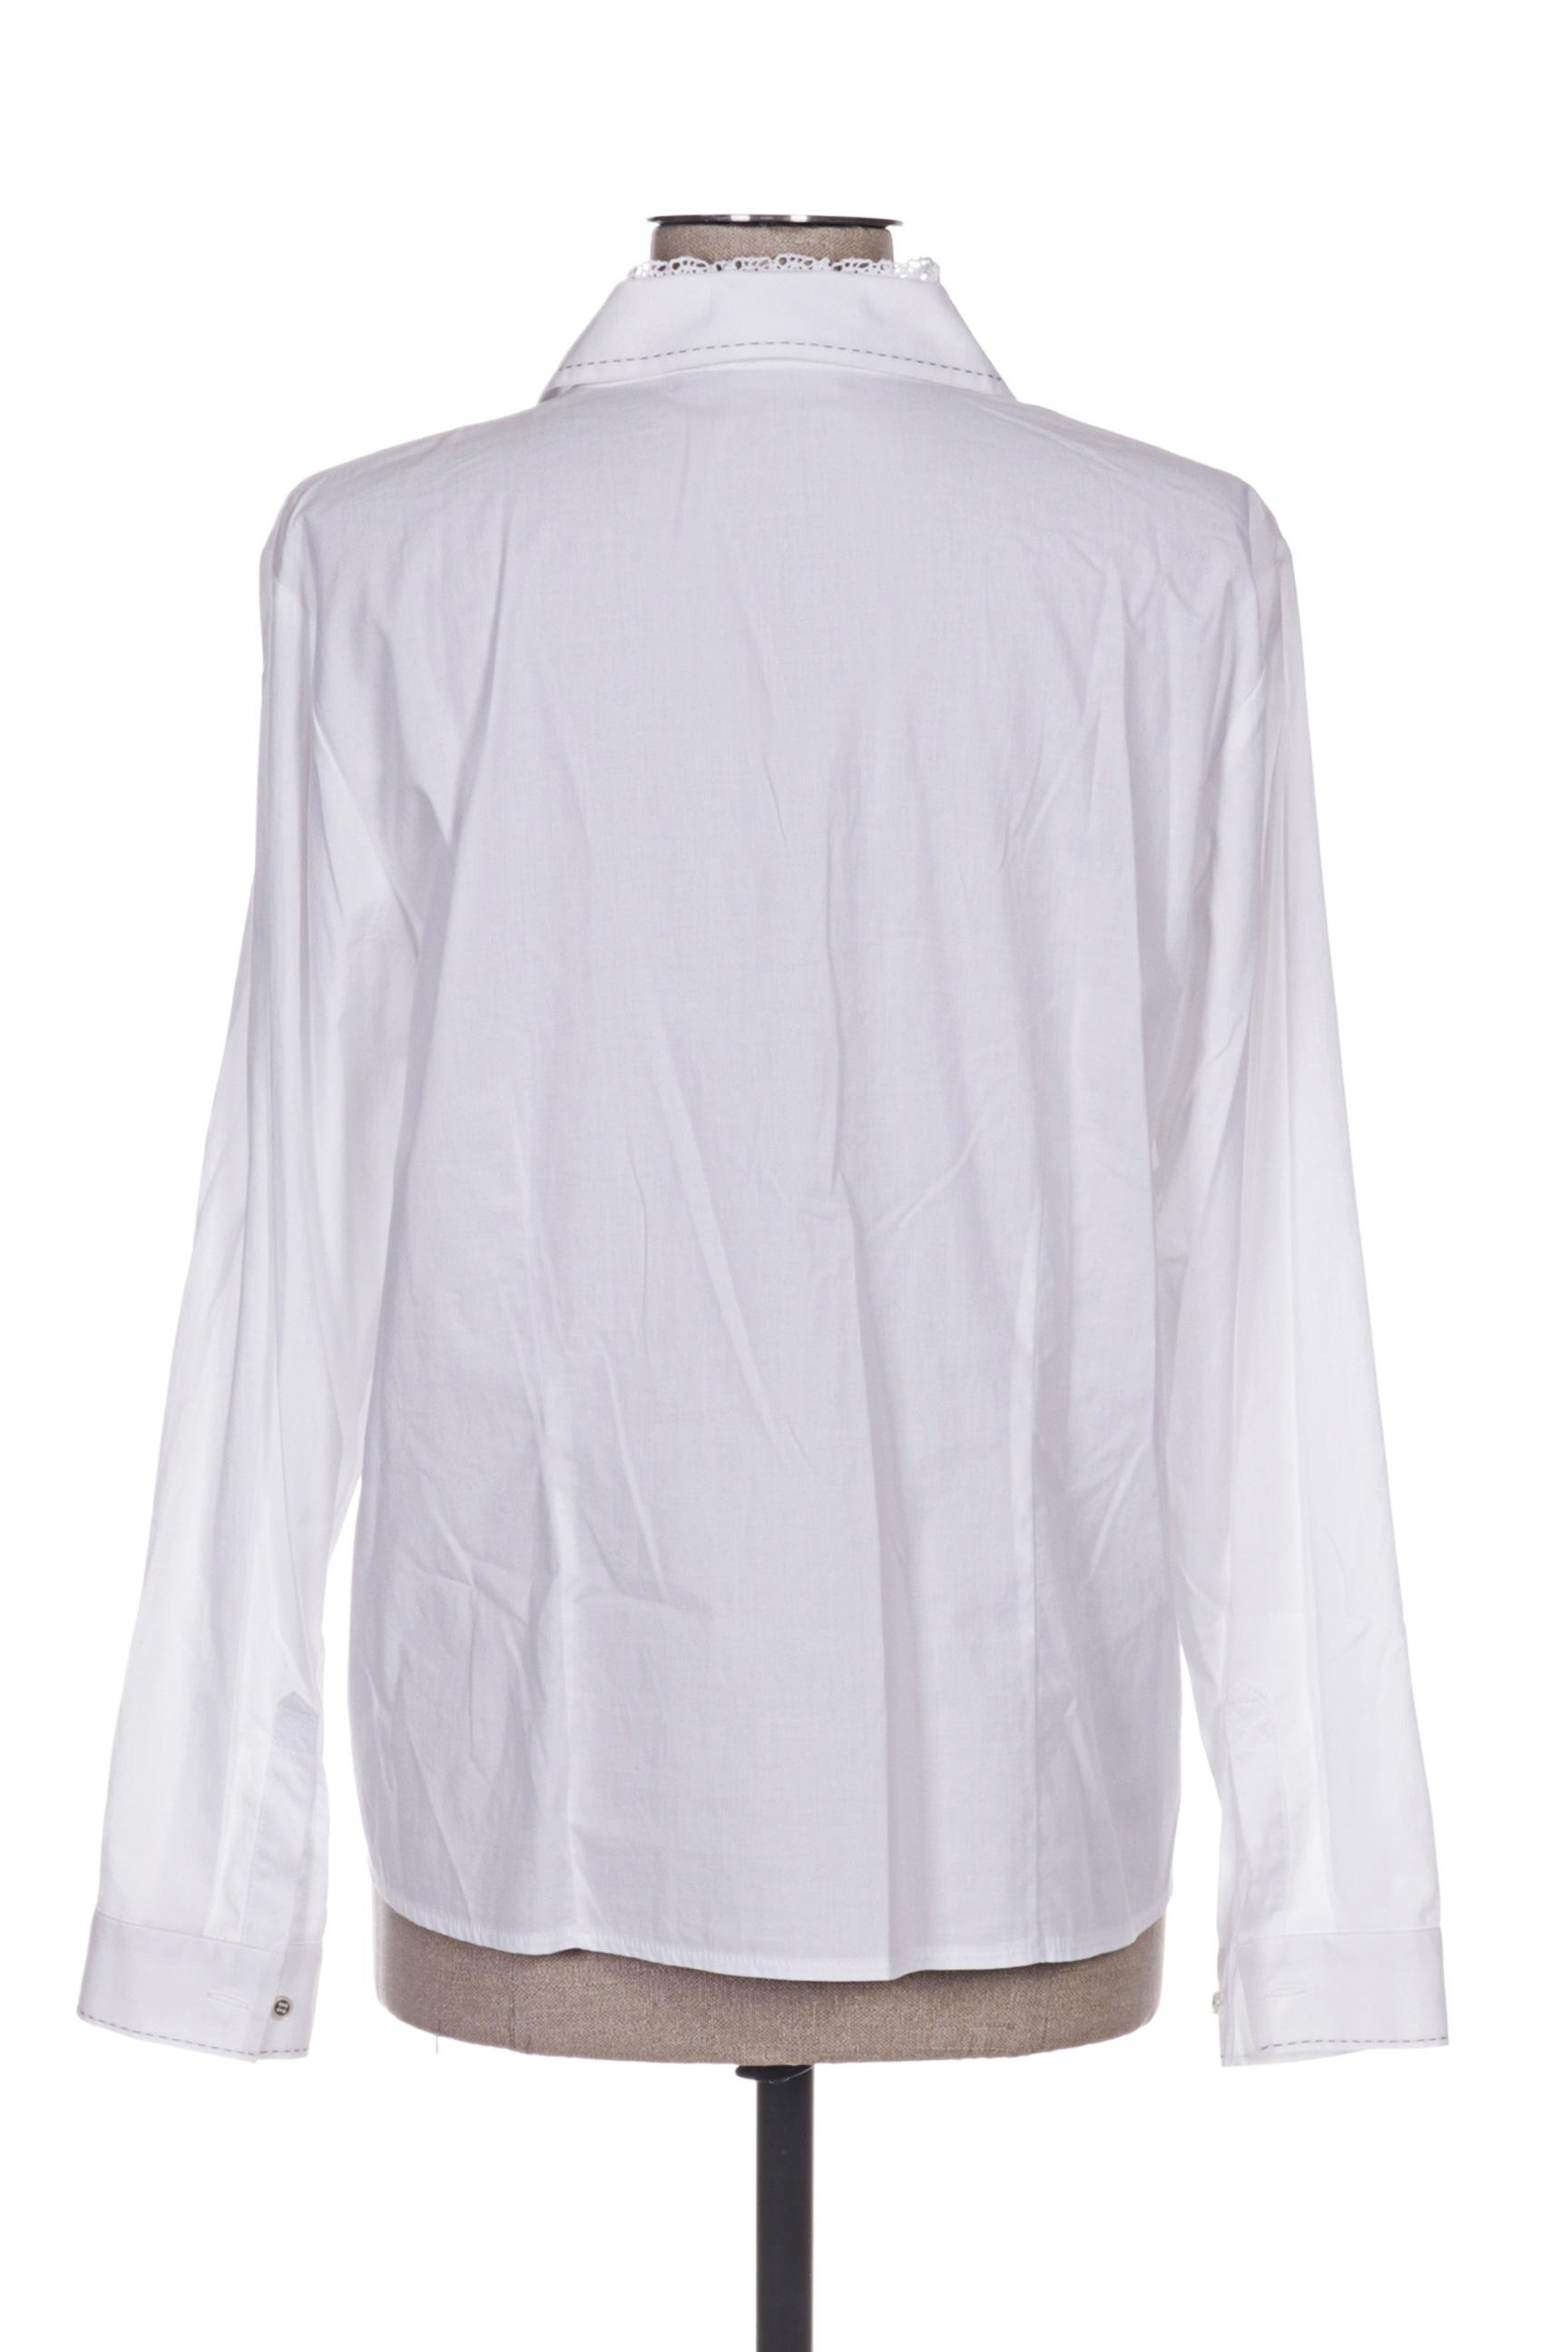 Rabe Chemisiers Manches Longues Femme De Couleur Blanc En Soldes Pas Cher 1226547-blanc0